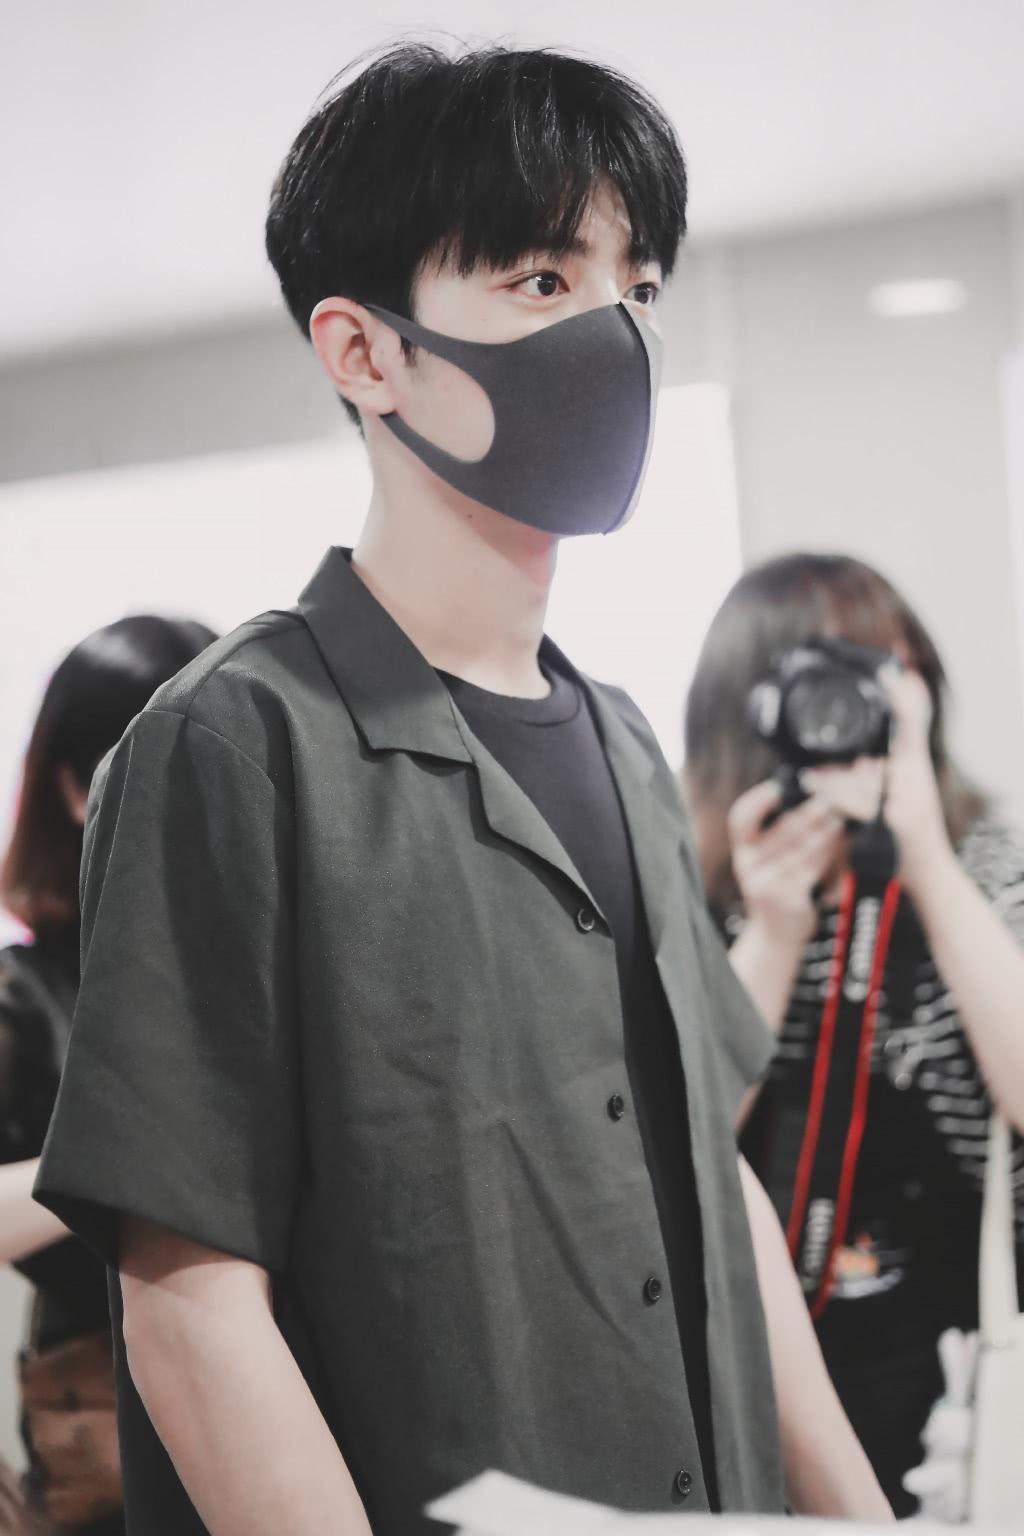 肖战在机场被拍,谁注意他手里拿的啥?网友:准备给谁的?